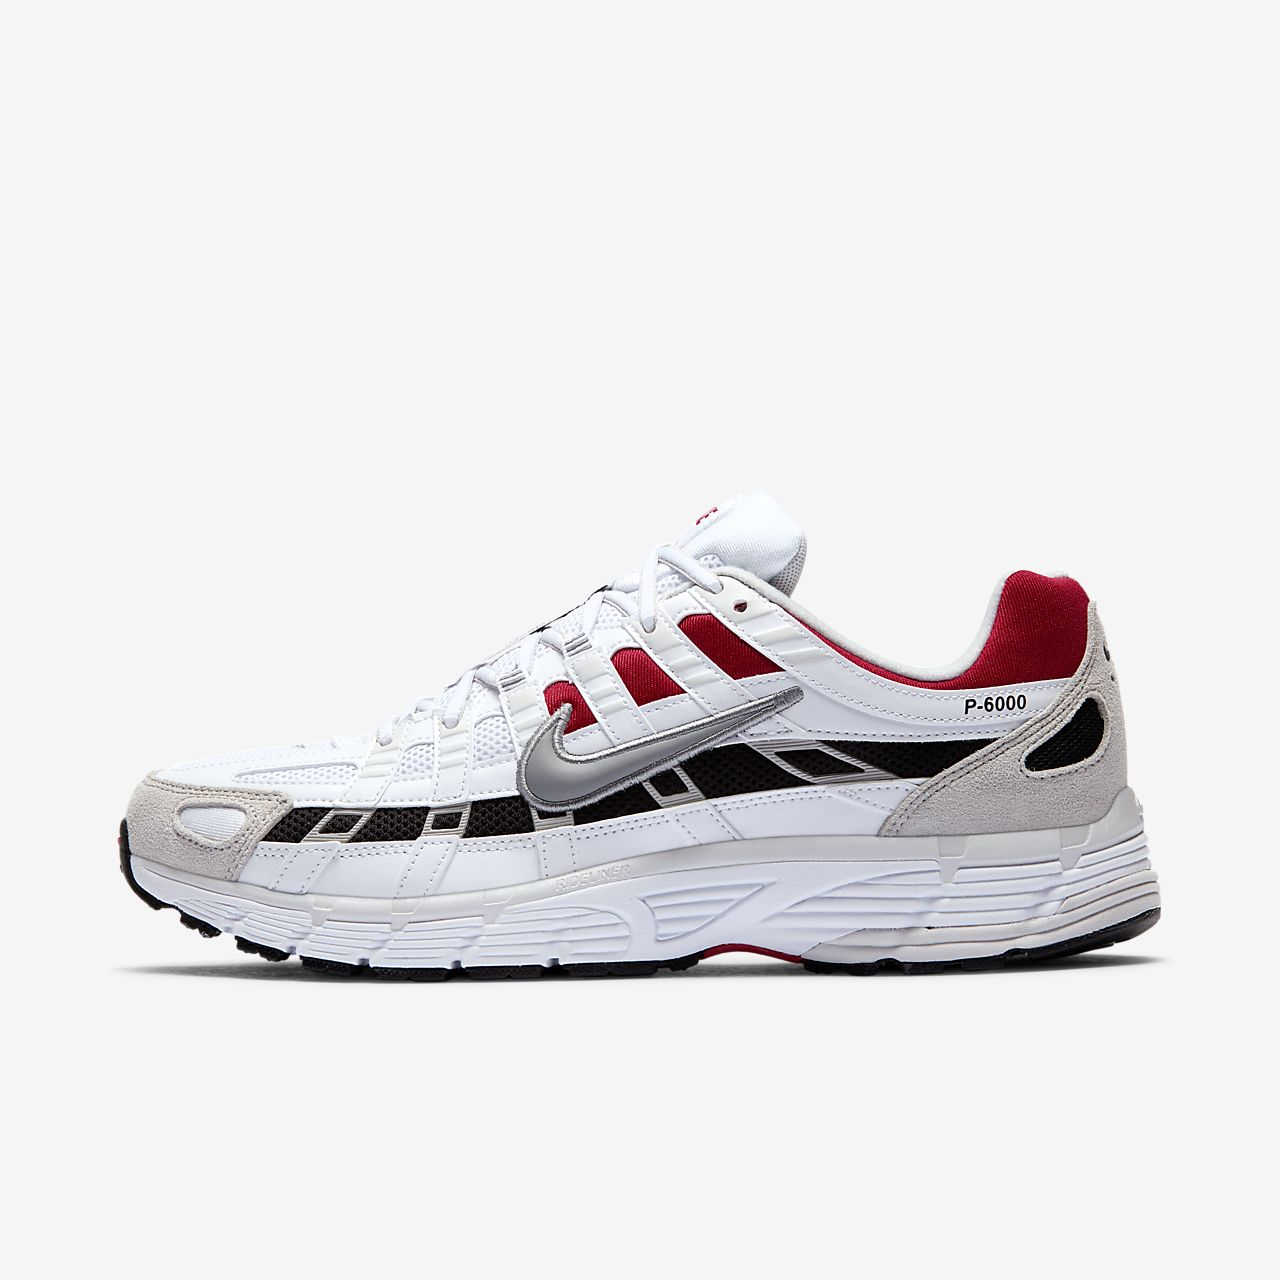 Nike P 6000 sko til mænd